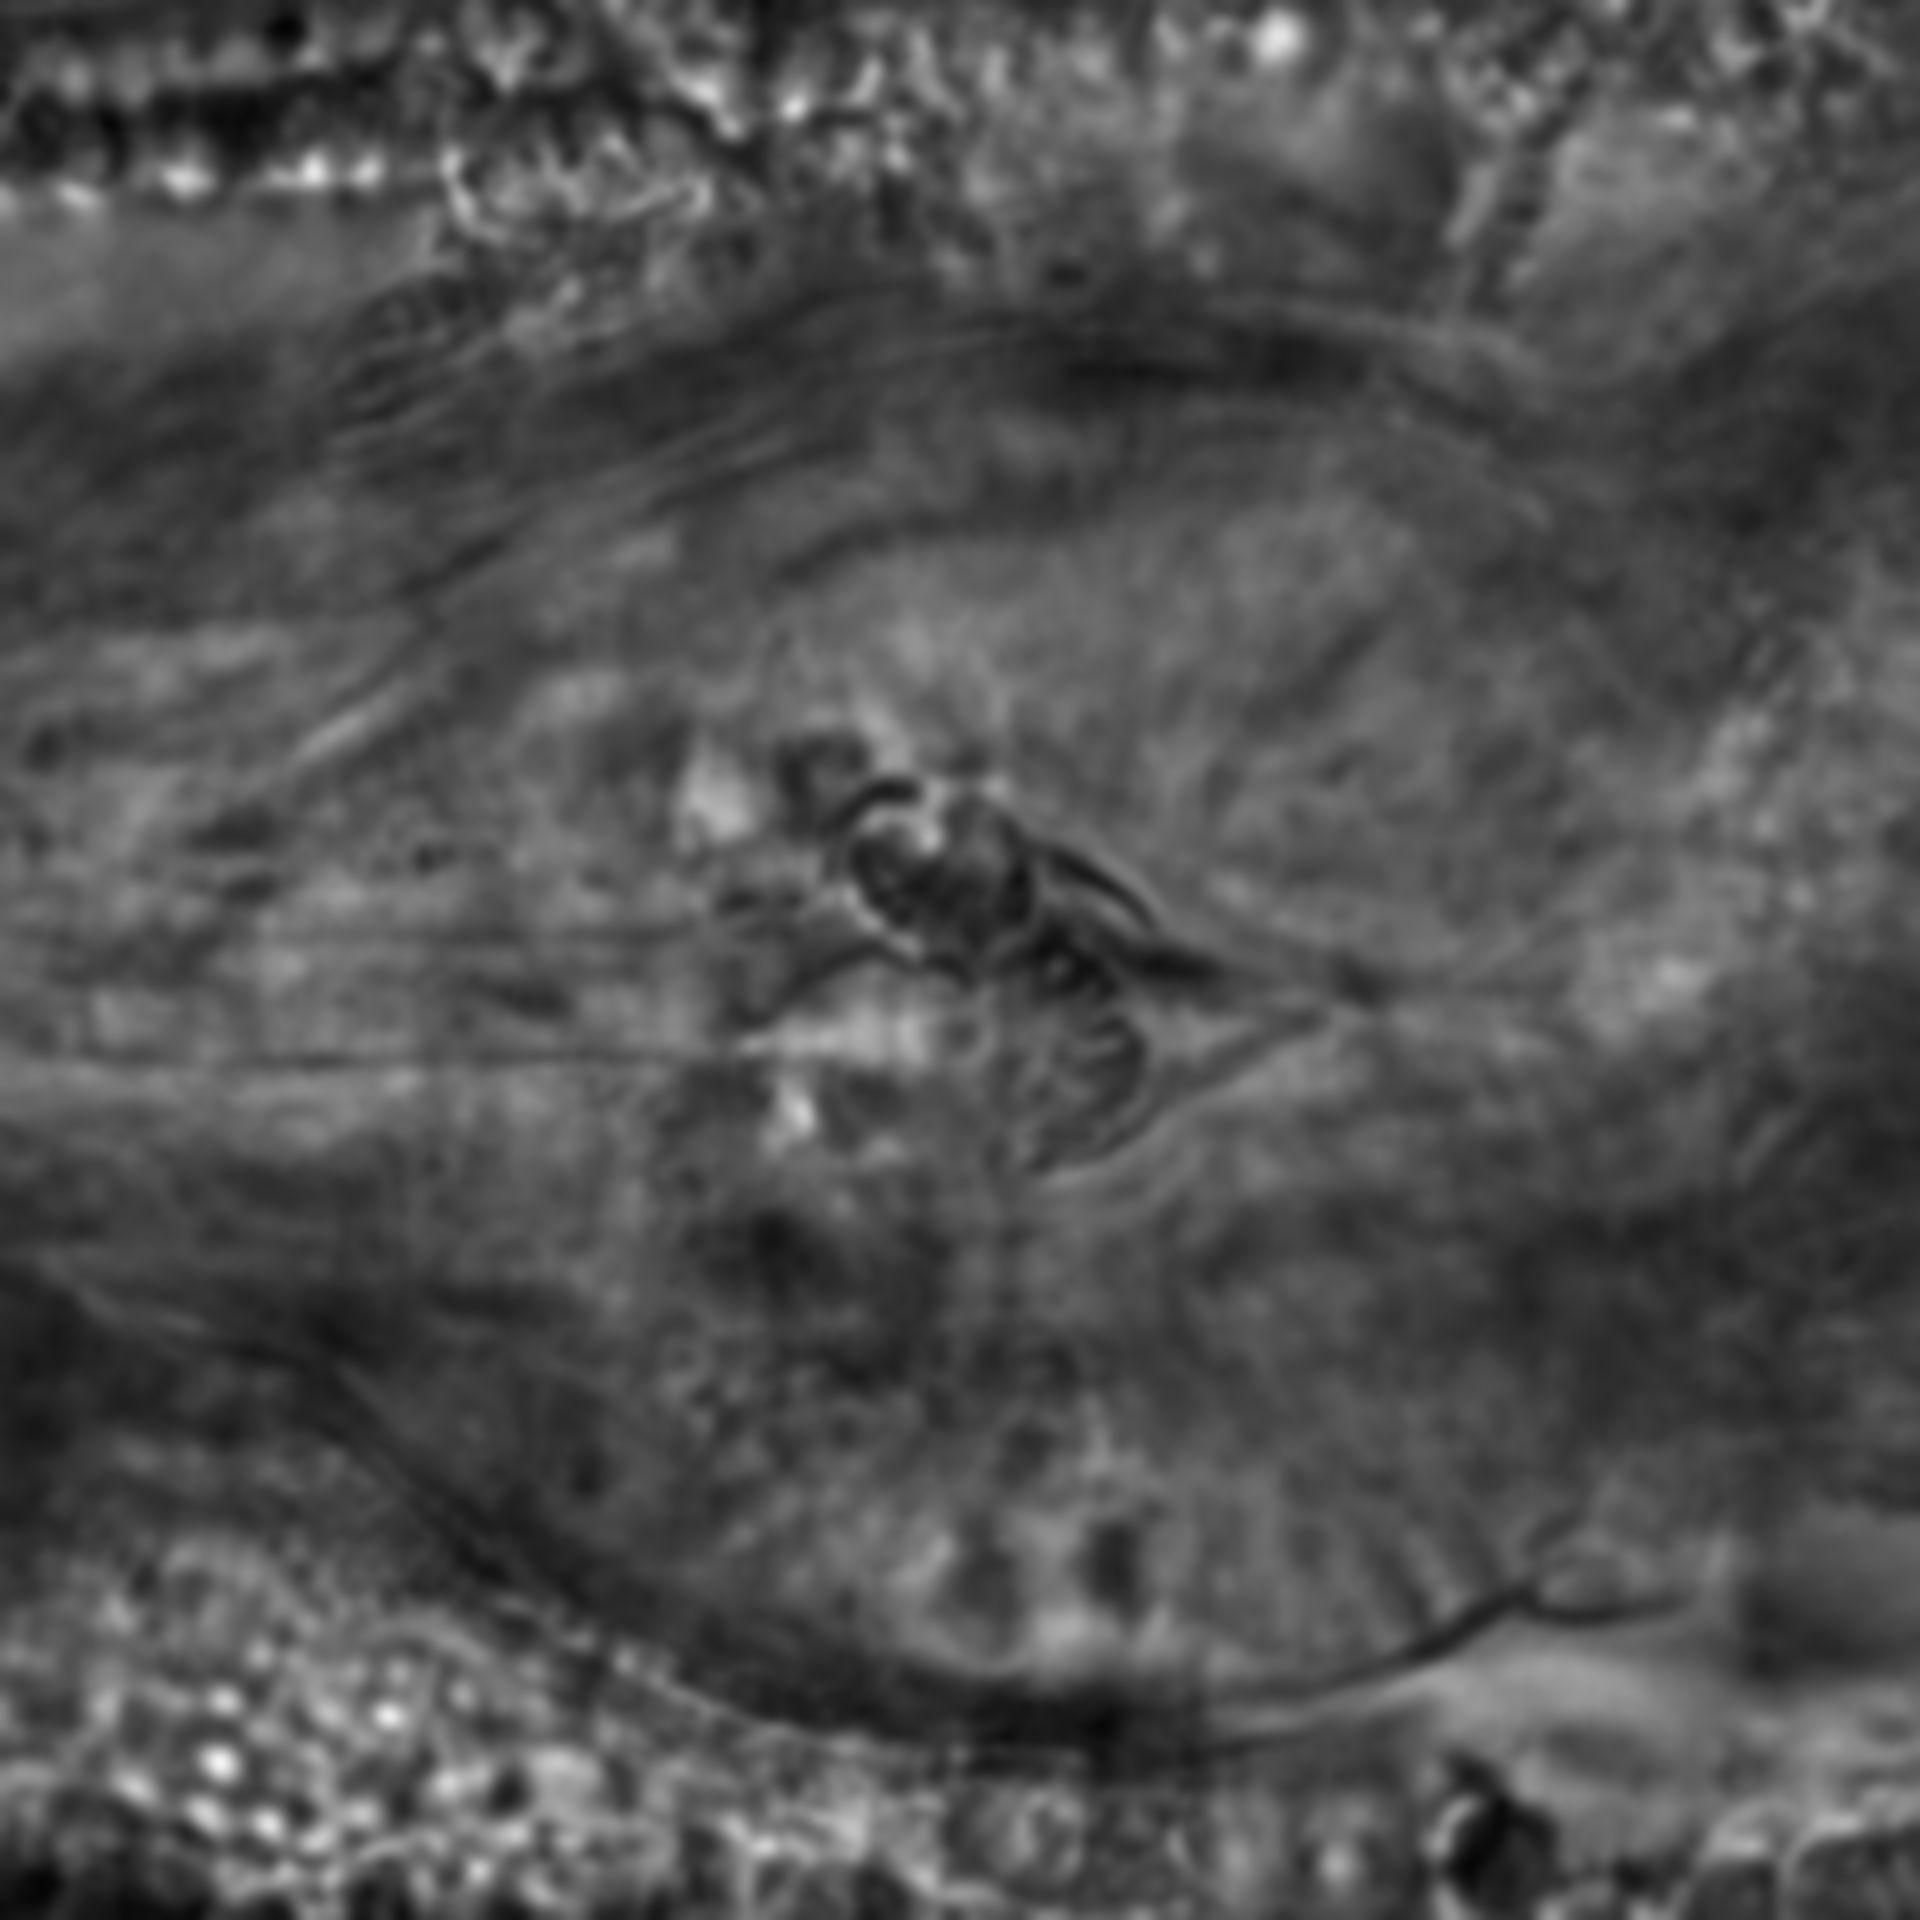 Caenorhabditis elegans - CIL:1943